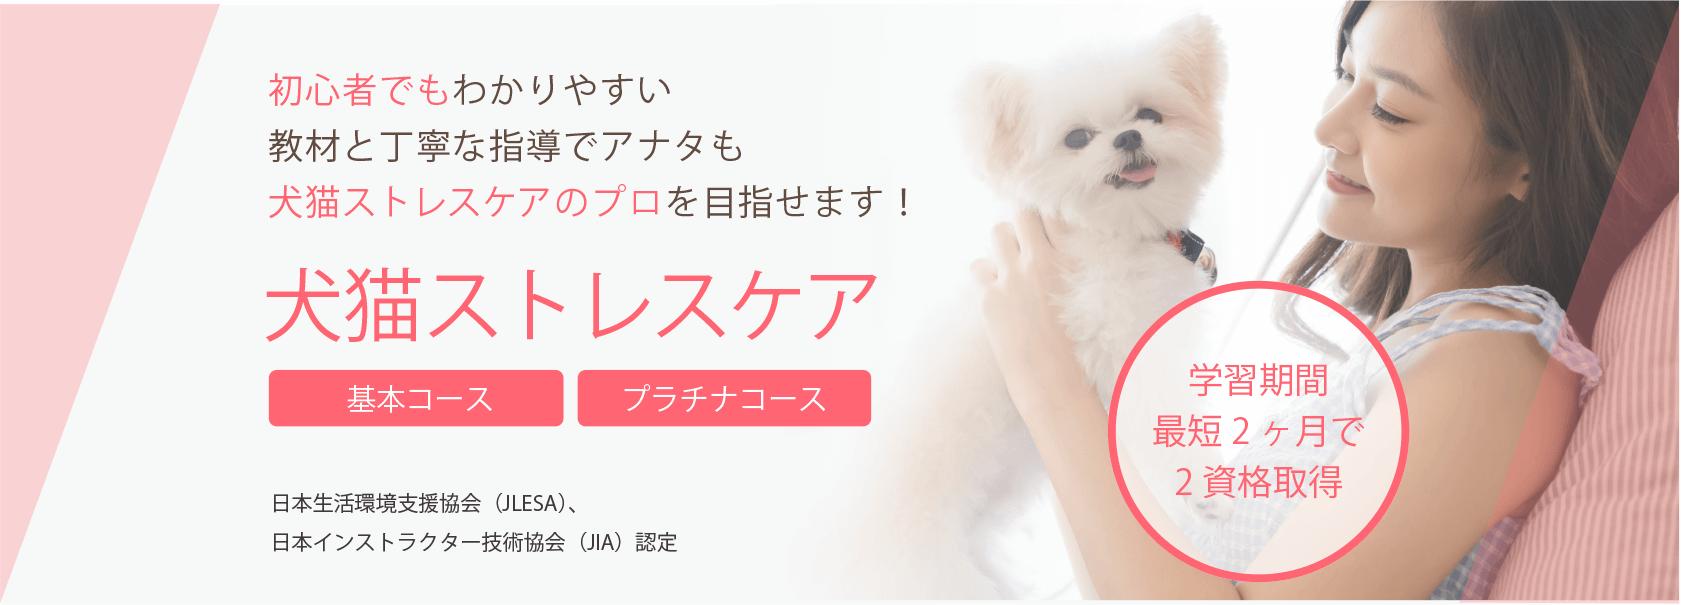 犬猫ストレスケア通信講座